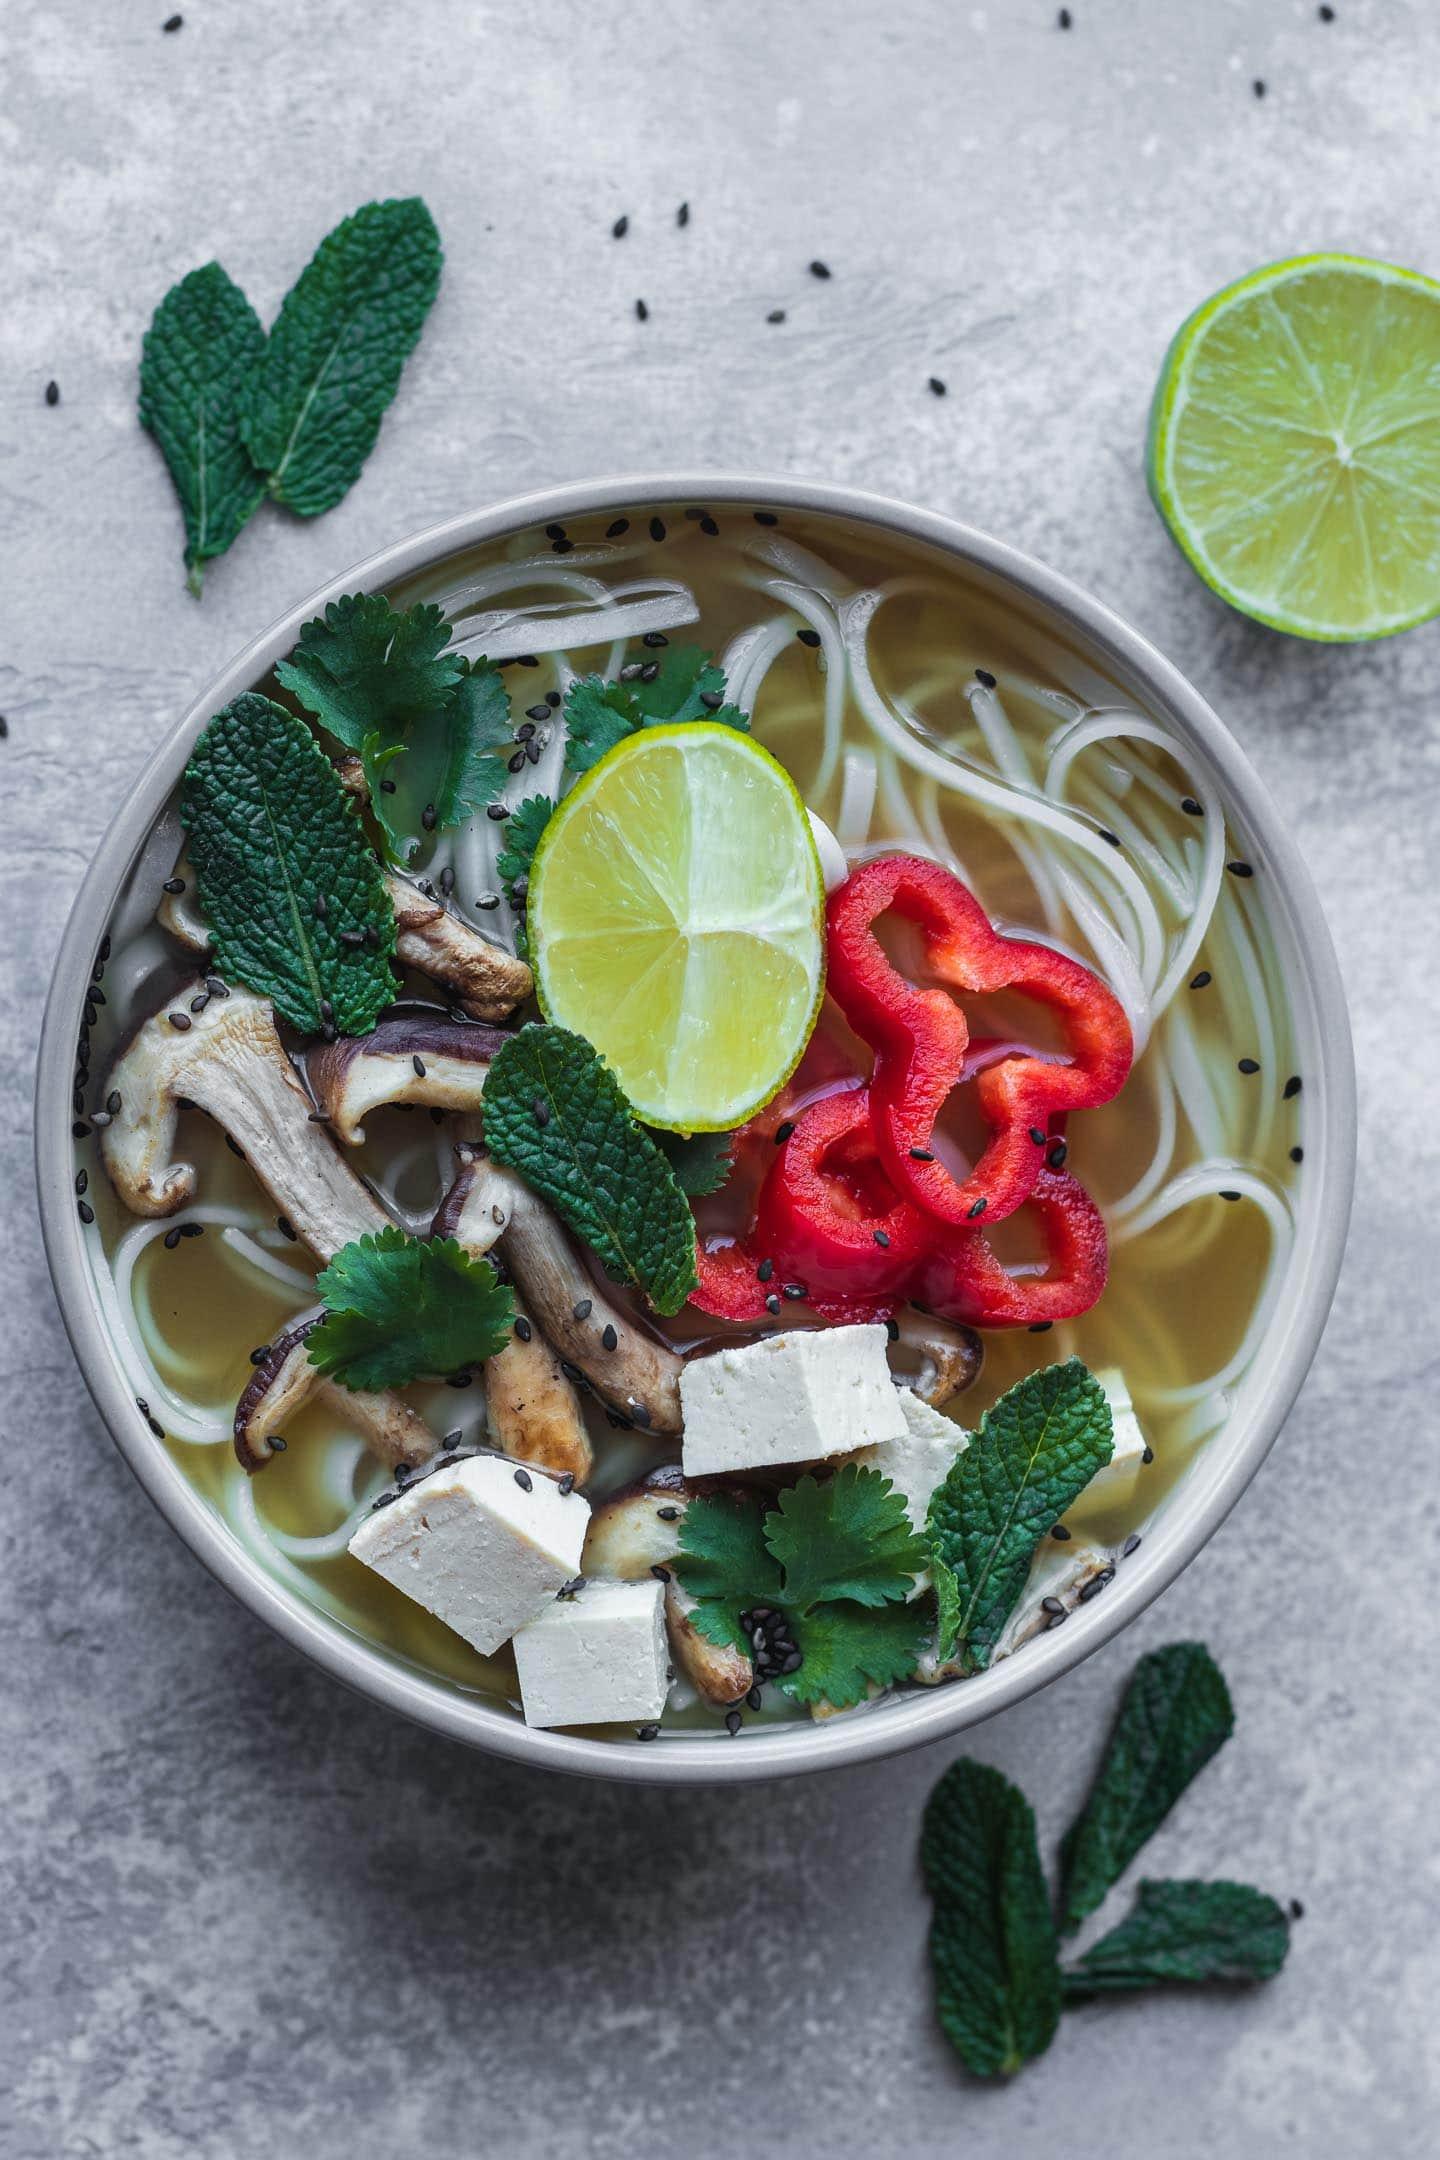 White bowl with vegan pho, shiitake mushrooms and tofu